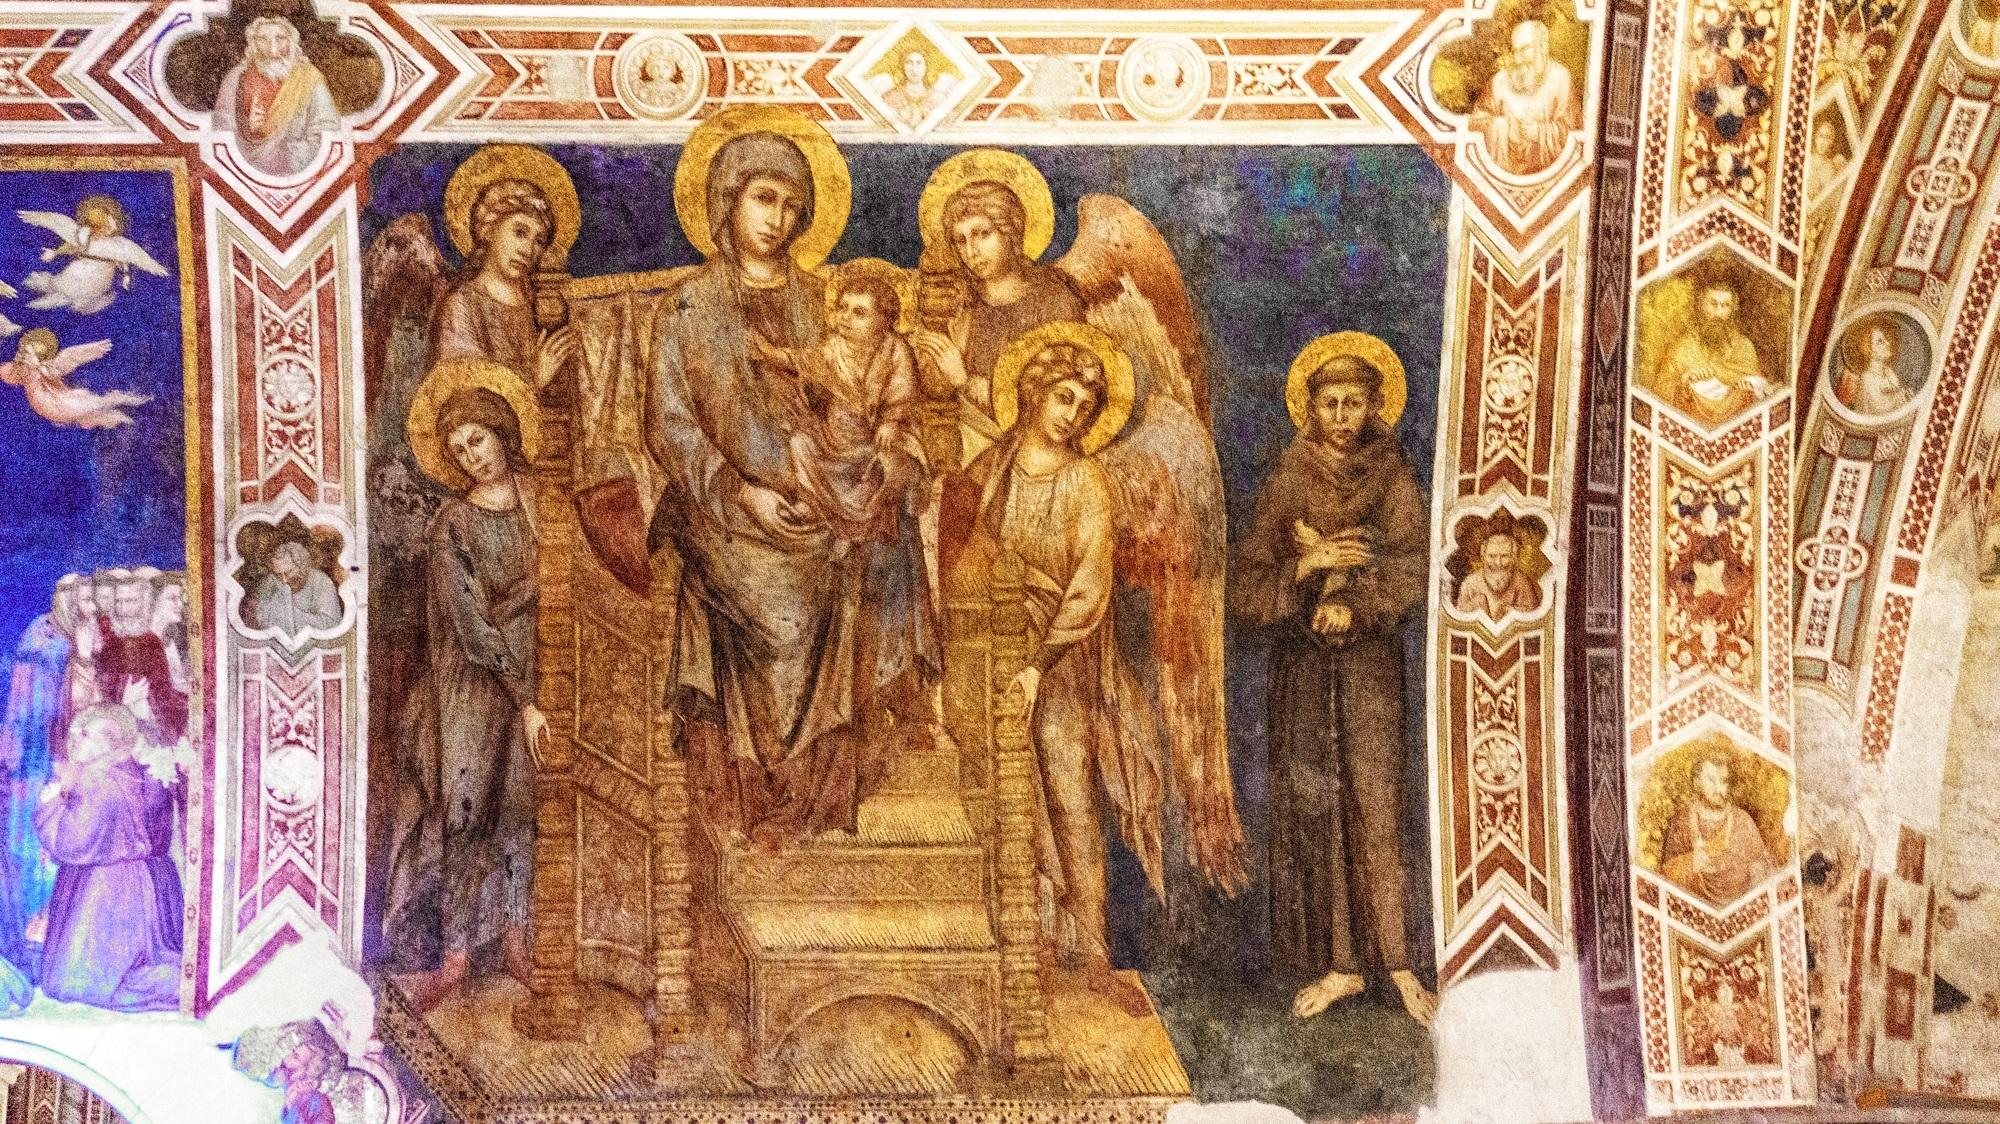 Très Images Gratuites : religion, église, lieu de culte, La peinture  IA76